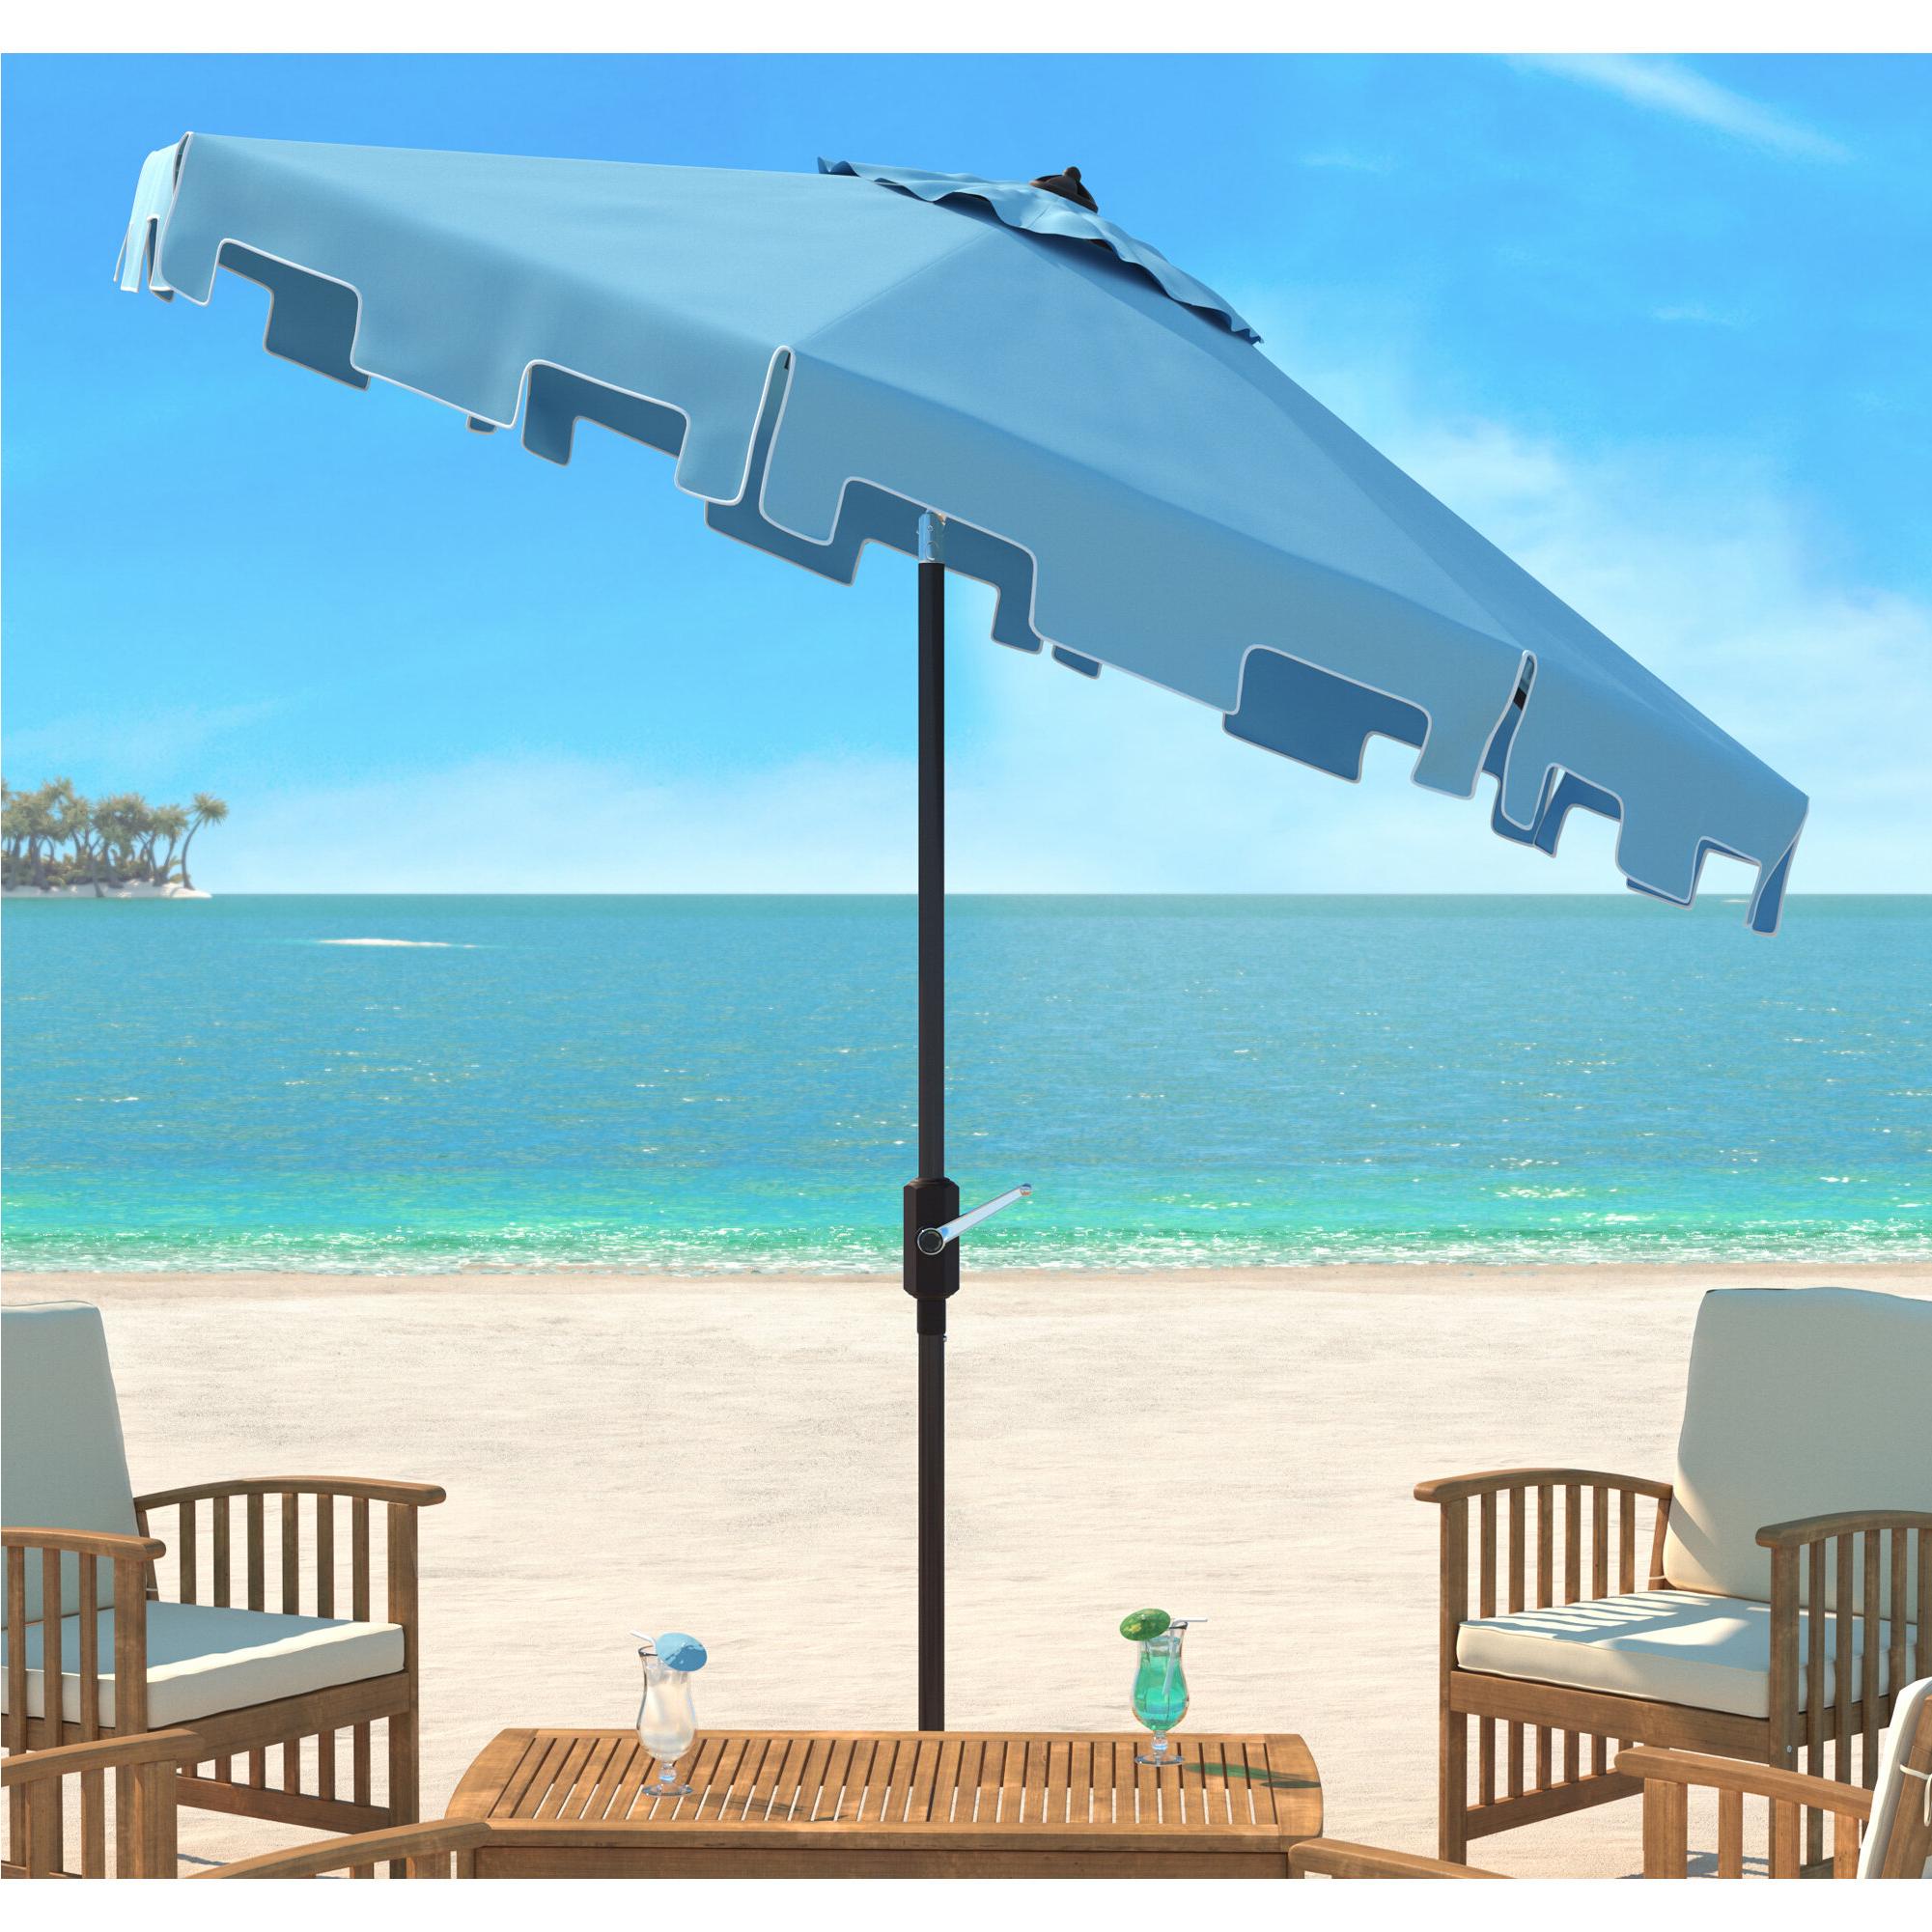 Crediton 9' Market Umbrella Pertaining To Most Recent Lizarraga Market Umbrellas (View 14 of 20)